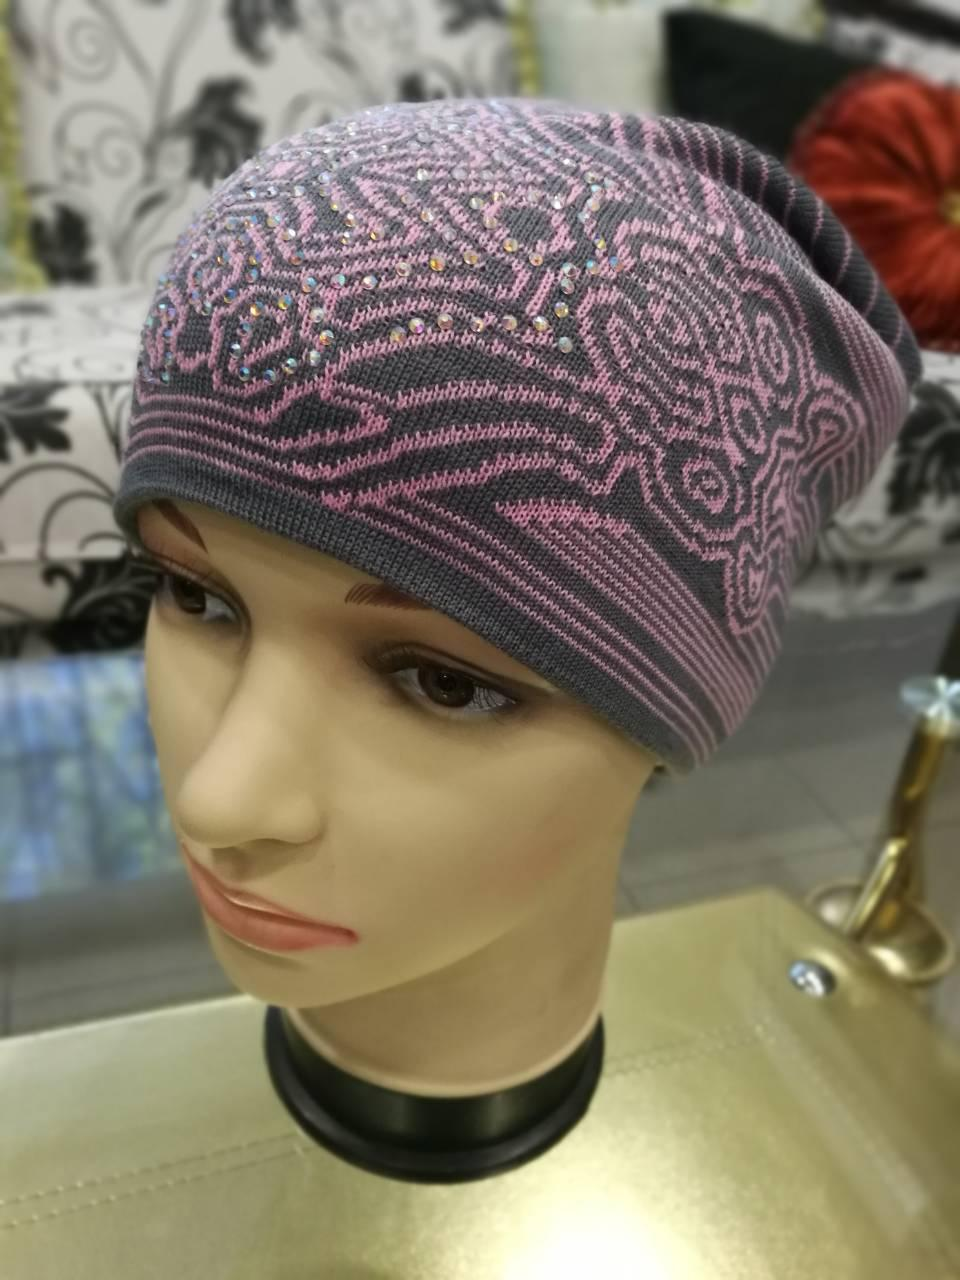 Женская шапка вязаная (цвет: серый и розовый рисунок)